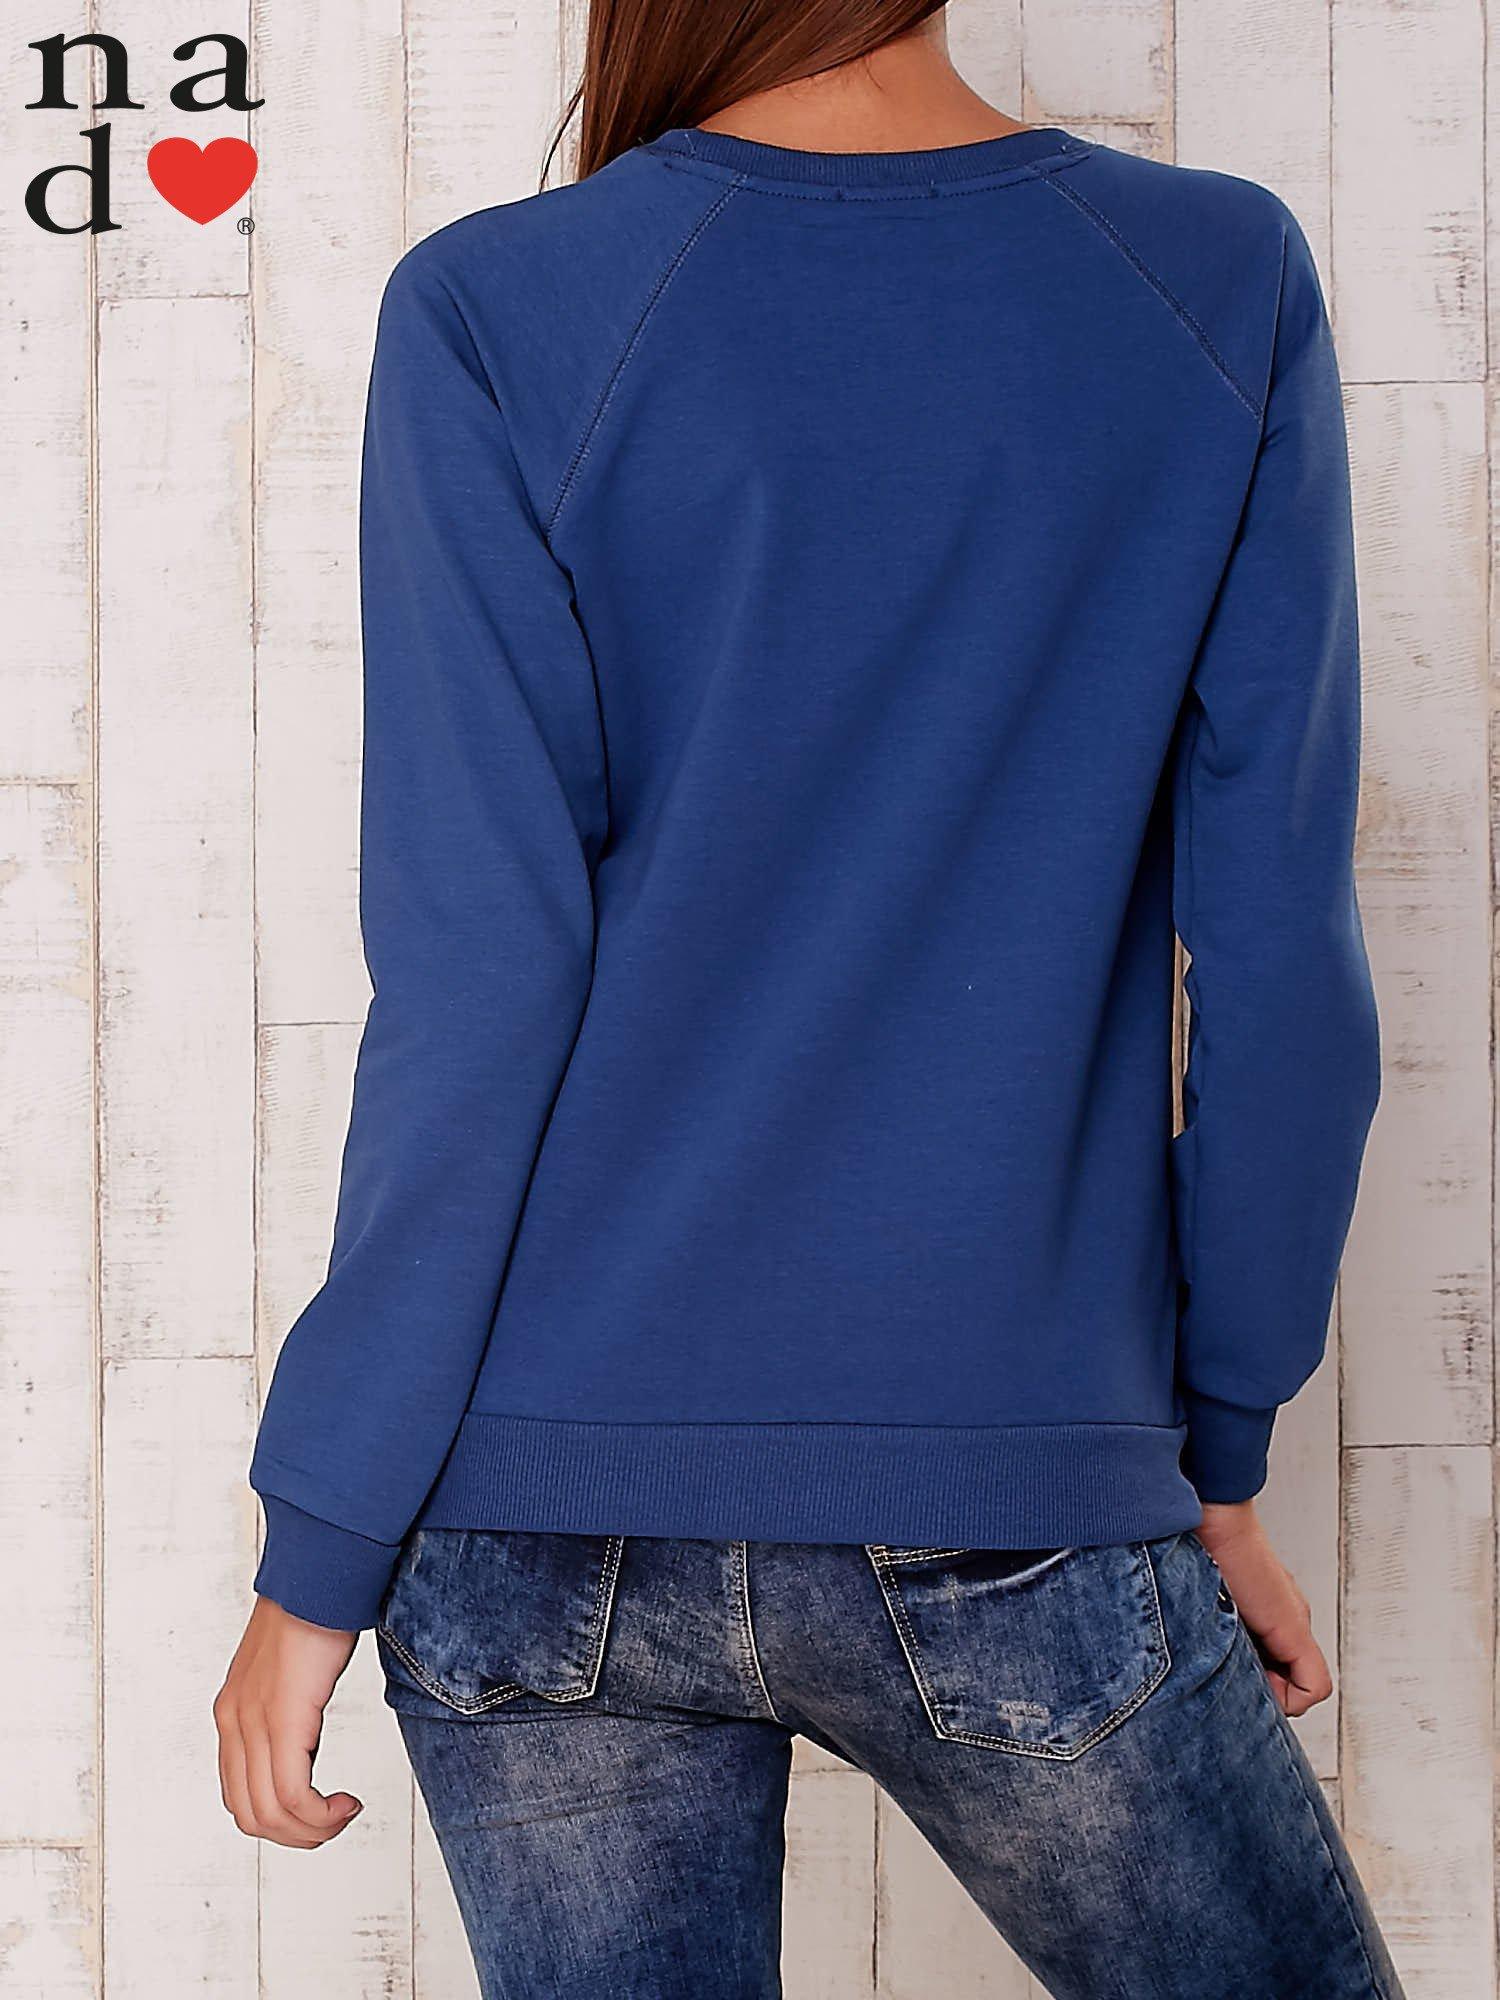 Ciemnoniebieska gładka bluza                                  zdj.                                  4